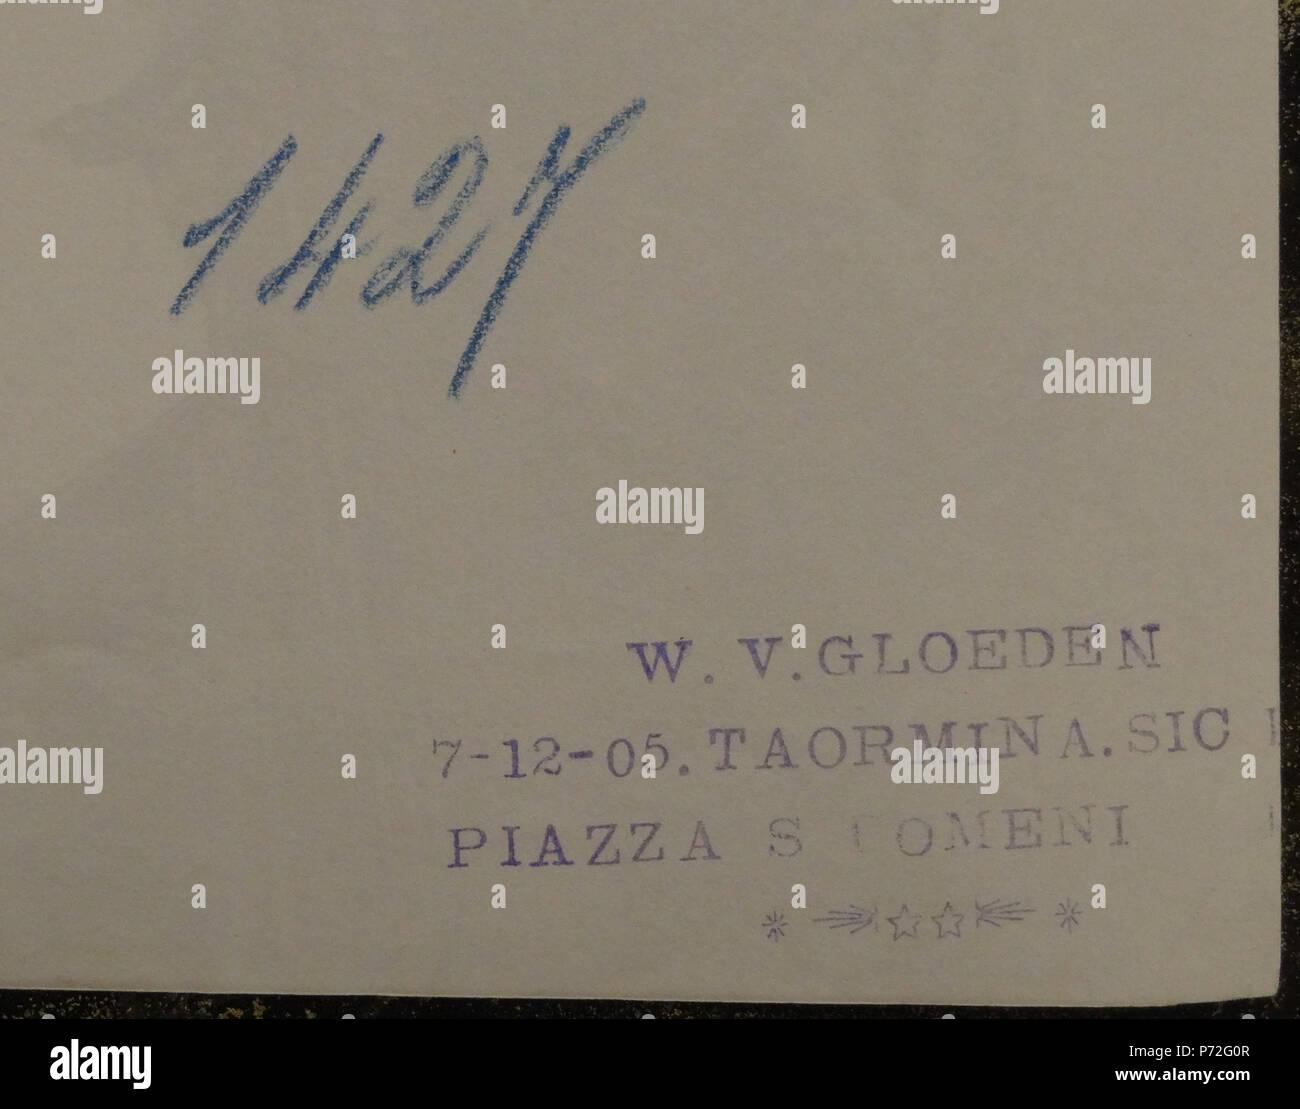 """Italiano: Wilhelm von Gloeden (1856-1931), il retro della foto 1427. Già nella collezione Texbraun, cortesia. della Galerie David Guiraud, Parigi. Il positivo è datato 07 12 1905. Inglese: Wilhelm von Gloeden (1856-1931), inversione di immagine # 1427. In precedenza la collezione Texbraun, courtesy Galerie David Guiraud, Parigi. La stampa è datata """" Dicembre 07 1905'. . Circa 1900. Stampa: 1905. 129 Gloeden, Wilhelm von (1856-1931) - n. 1427v - stampato 07 dic 1905 - Ex Texbraun raccolta, Galerie David Guiraud, Parigi Immagini Stock"""